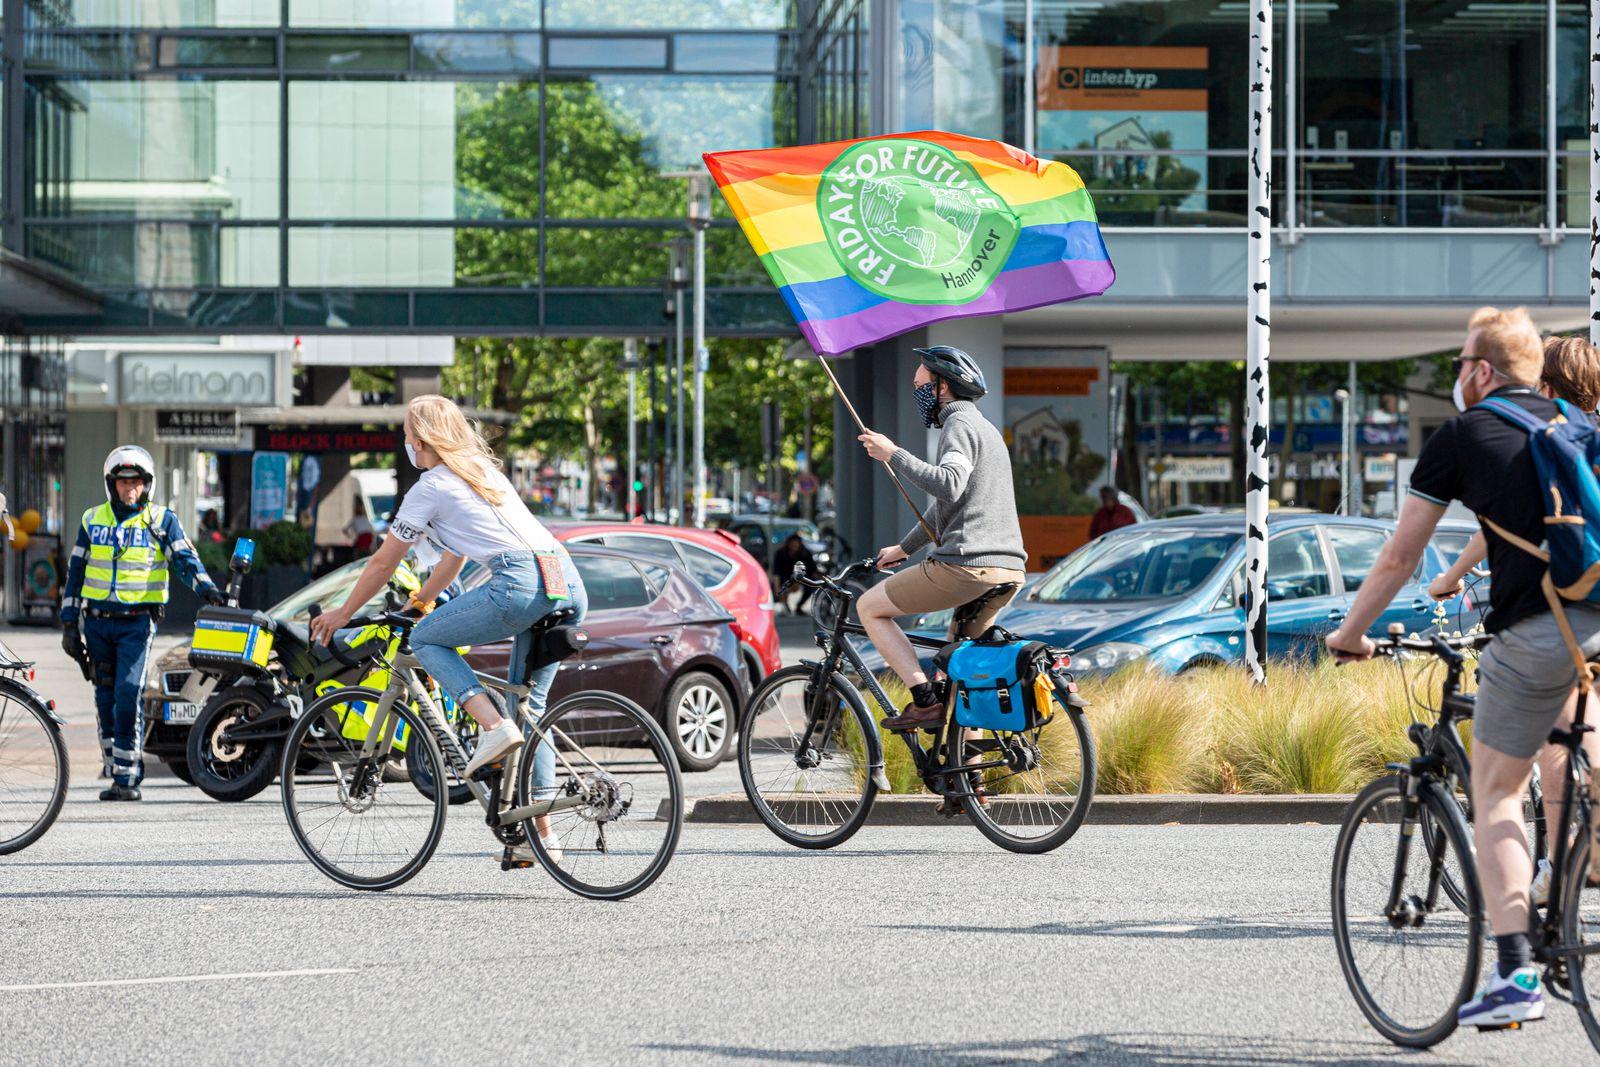 DEUTSCHLAND, NIEDERSACHSEN, HANNOVER, 29.05.2020 - Fahrraddemo von Fridays for Future - Teilnehmer der Fahrraddemo über